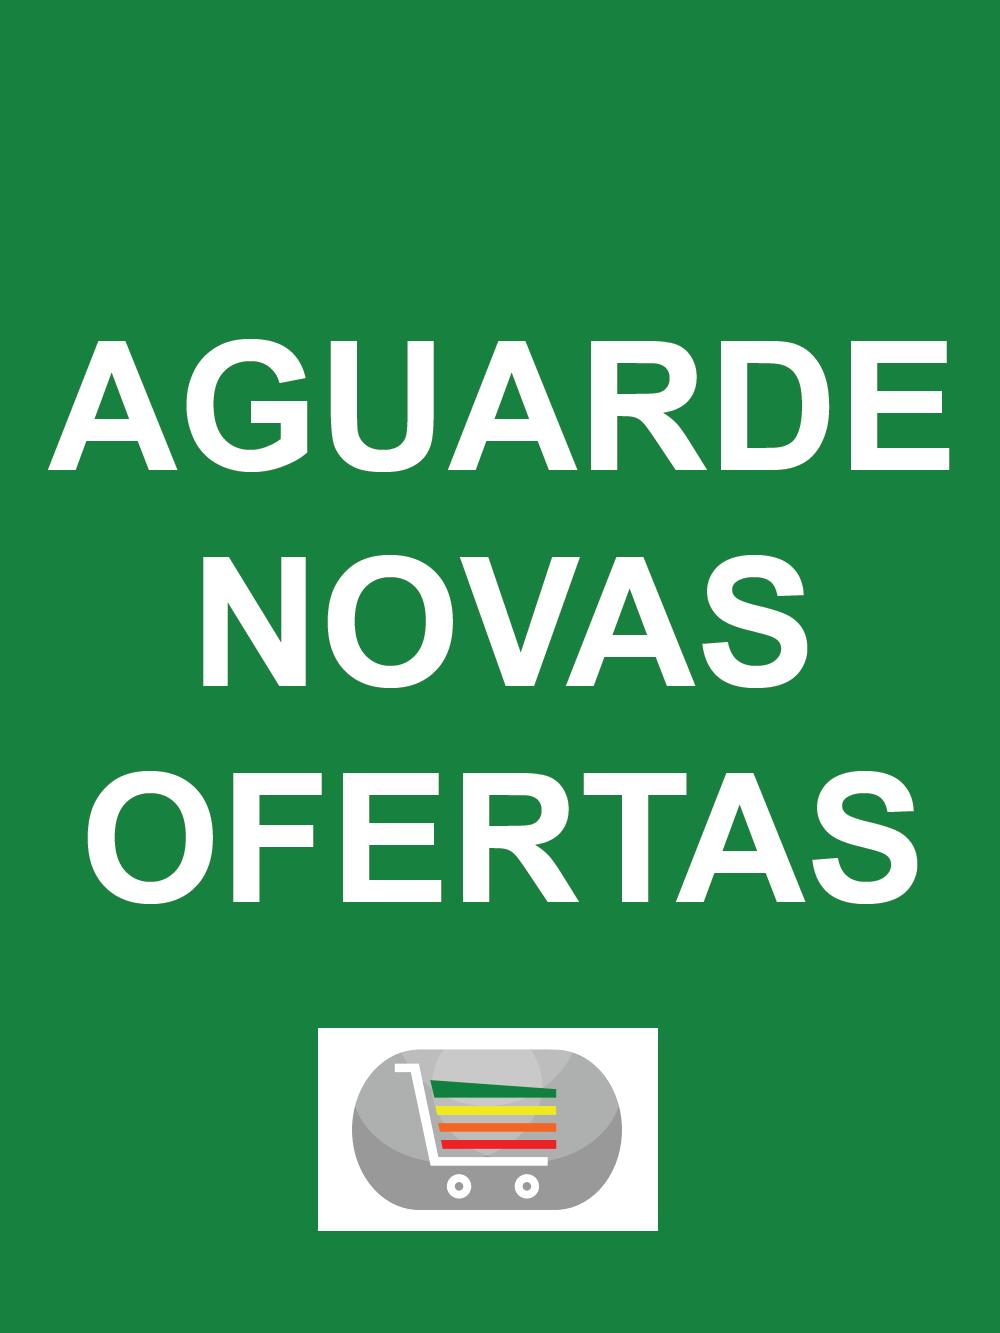 ofertas_de_supermercados4352 Futurama até 30/04